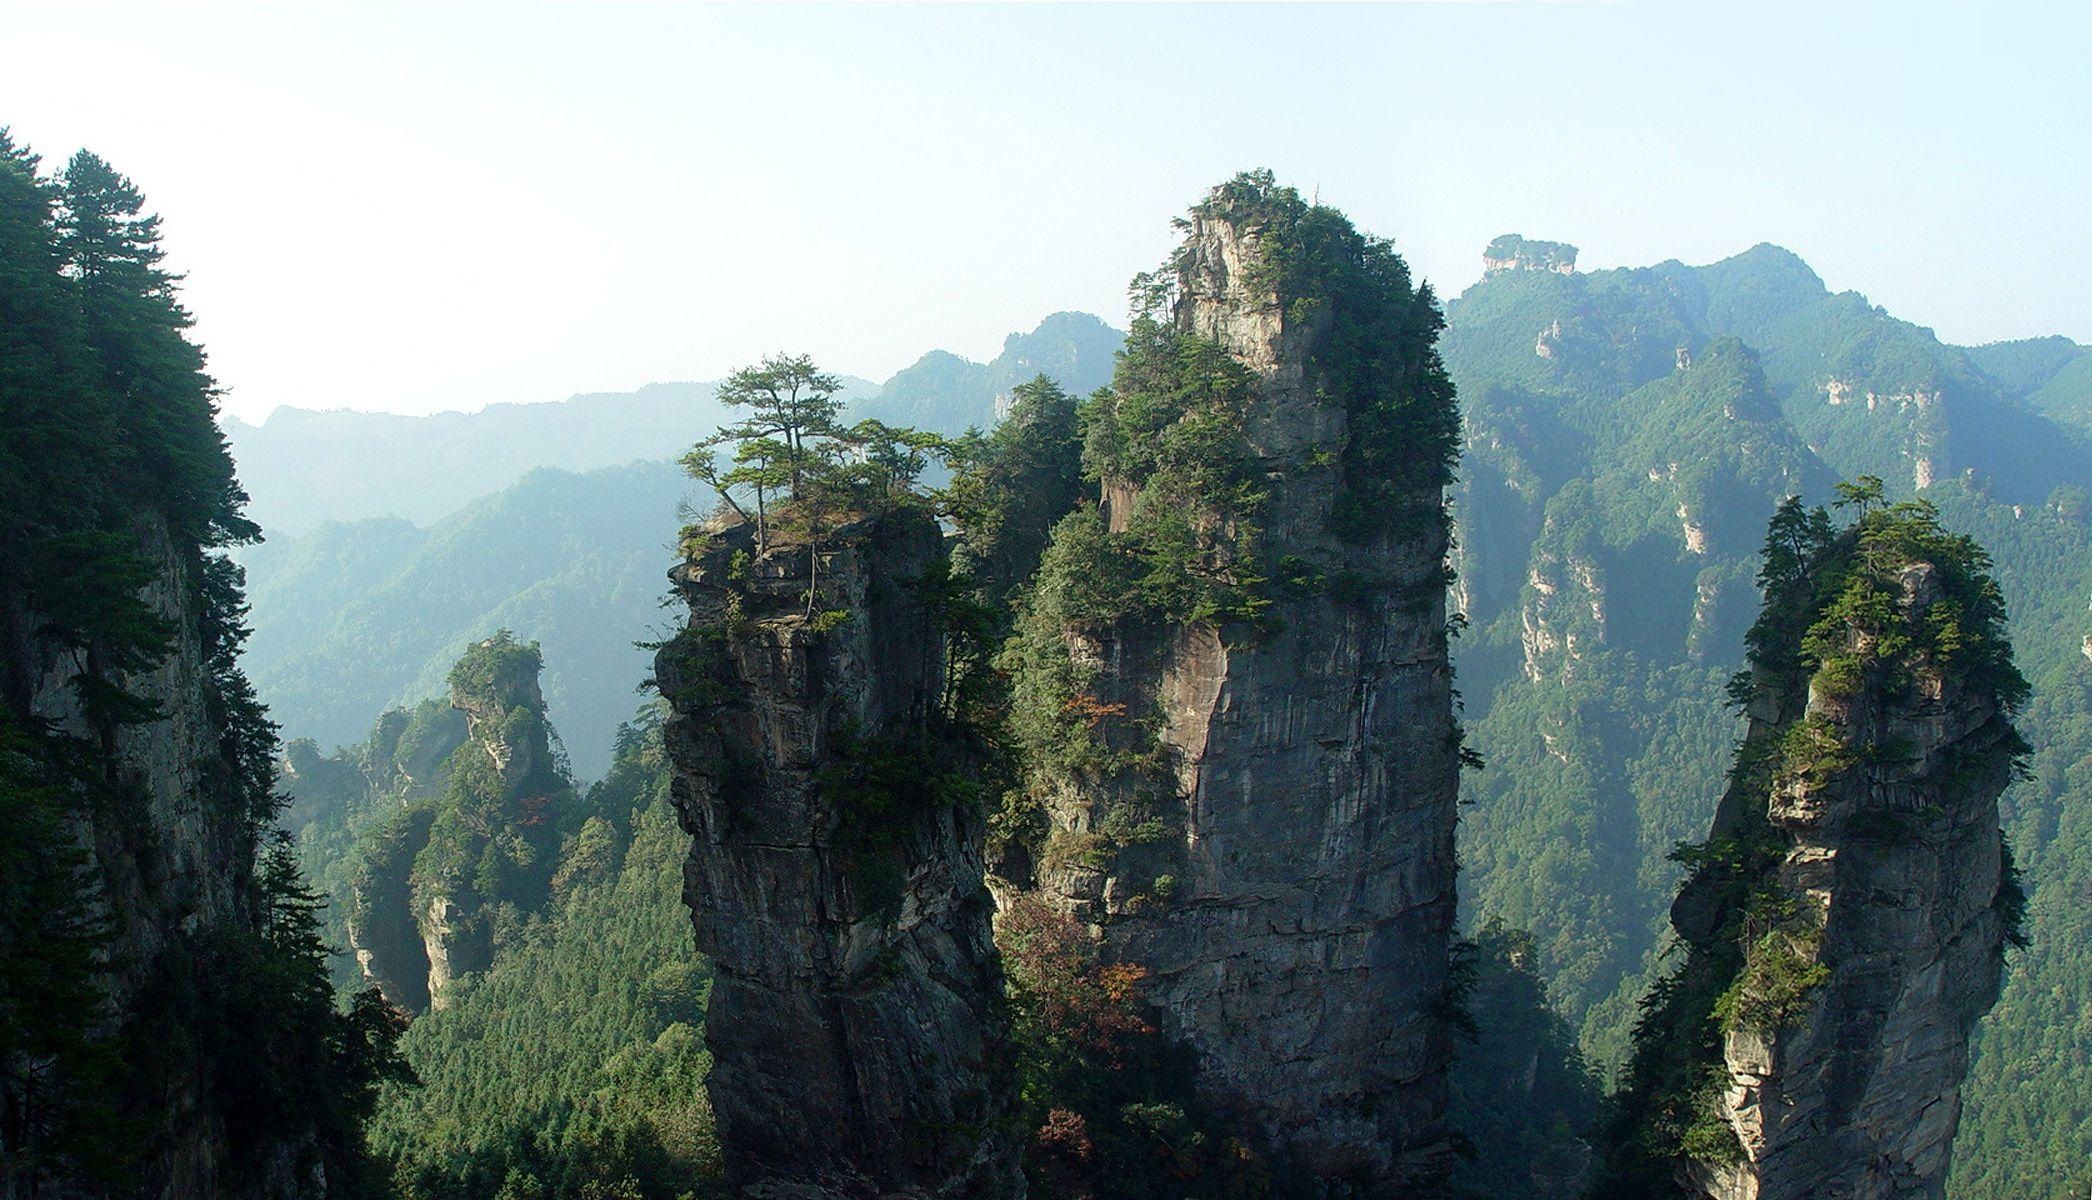 Landscape Nature Hd Tianzi Mountains Desktop Pictures Mountains